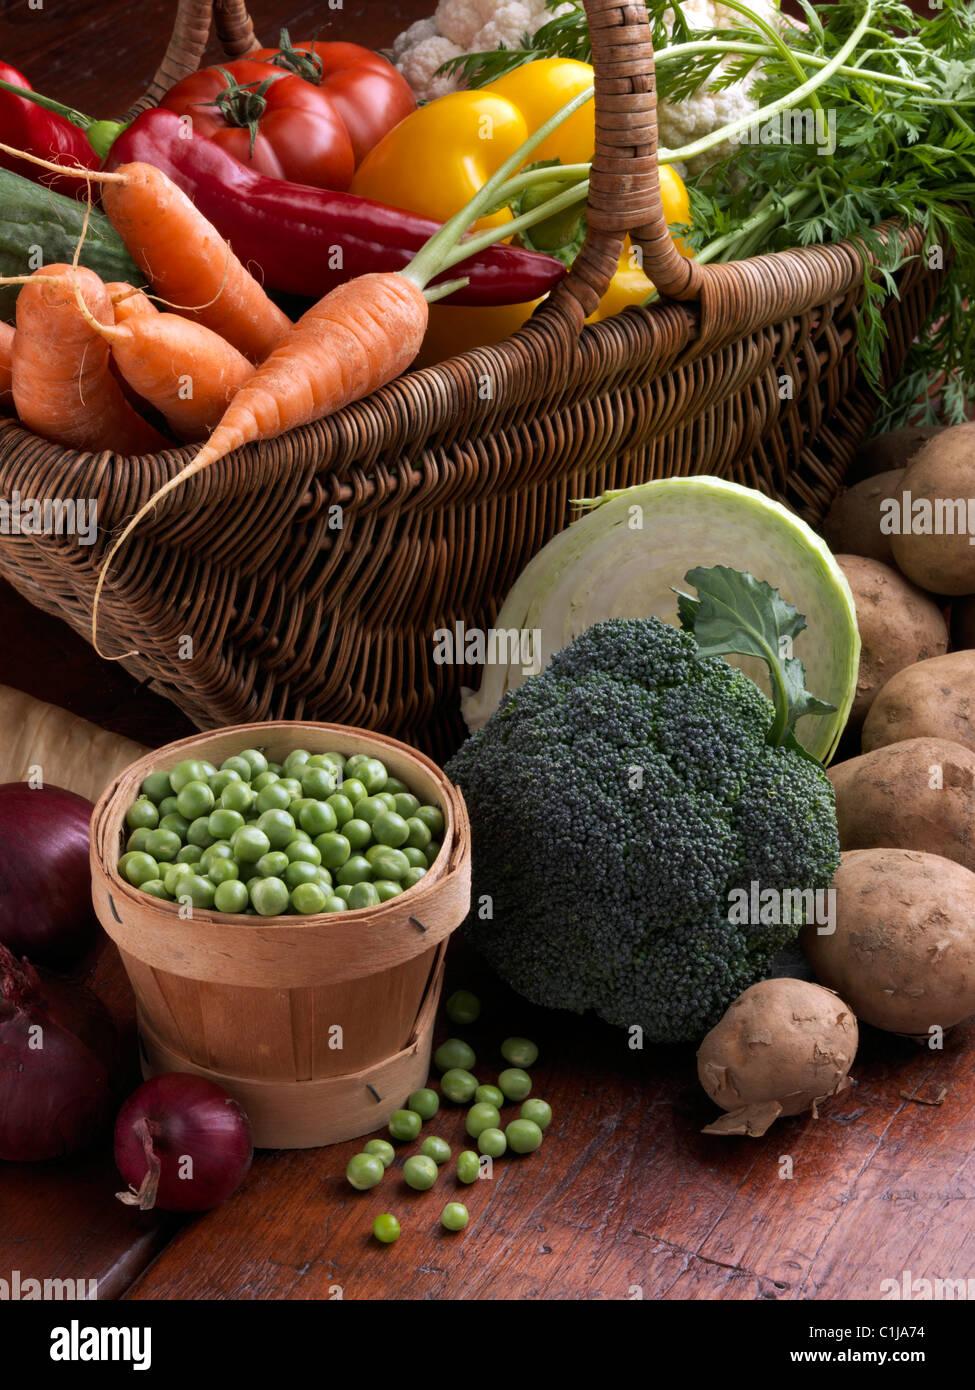 Panier en osier rouge sucré tomates légumes crus poivrons jaunes Pois Carottes Chou-fleur brocoli panais Photo Stock